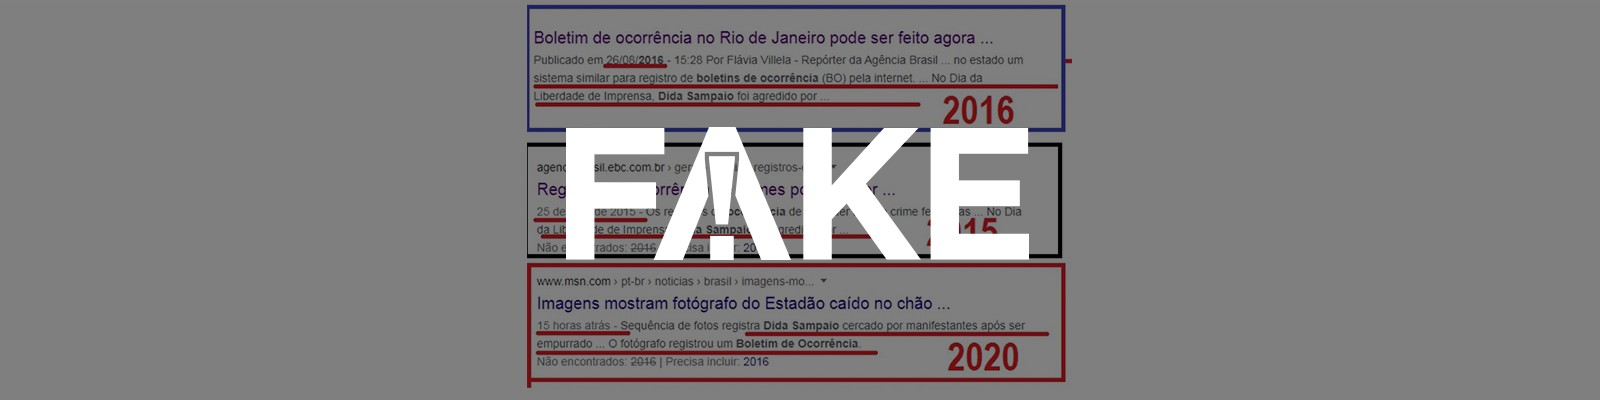 É #FAKE que fotógrafo do Estadão foi agredido no Dia da Liberdade de Imprensa também em anos anteriores